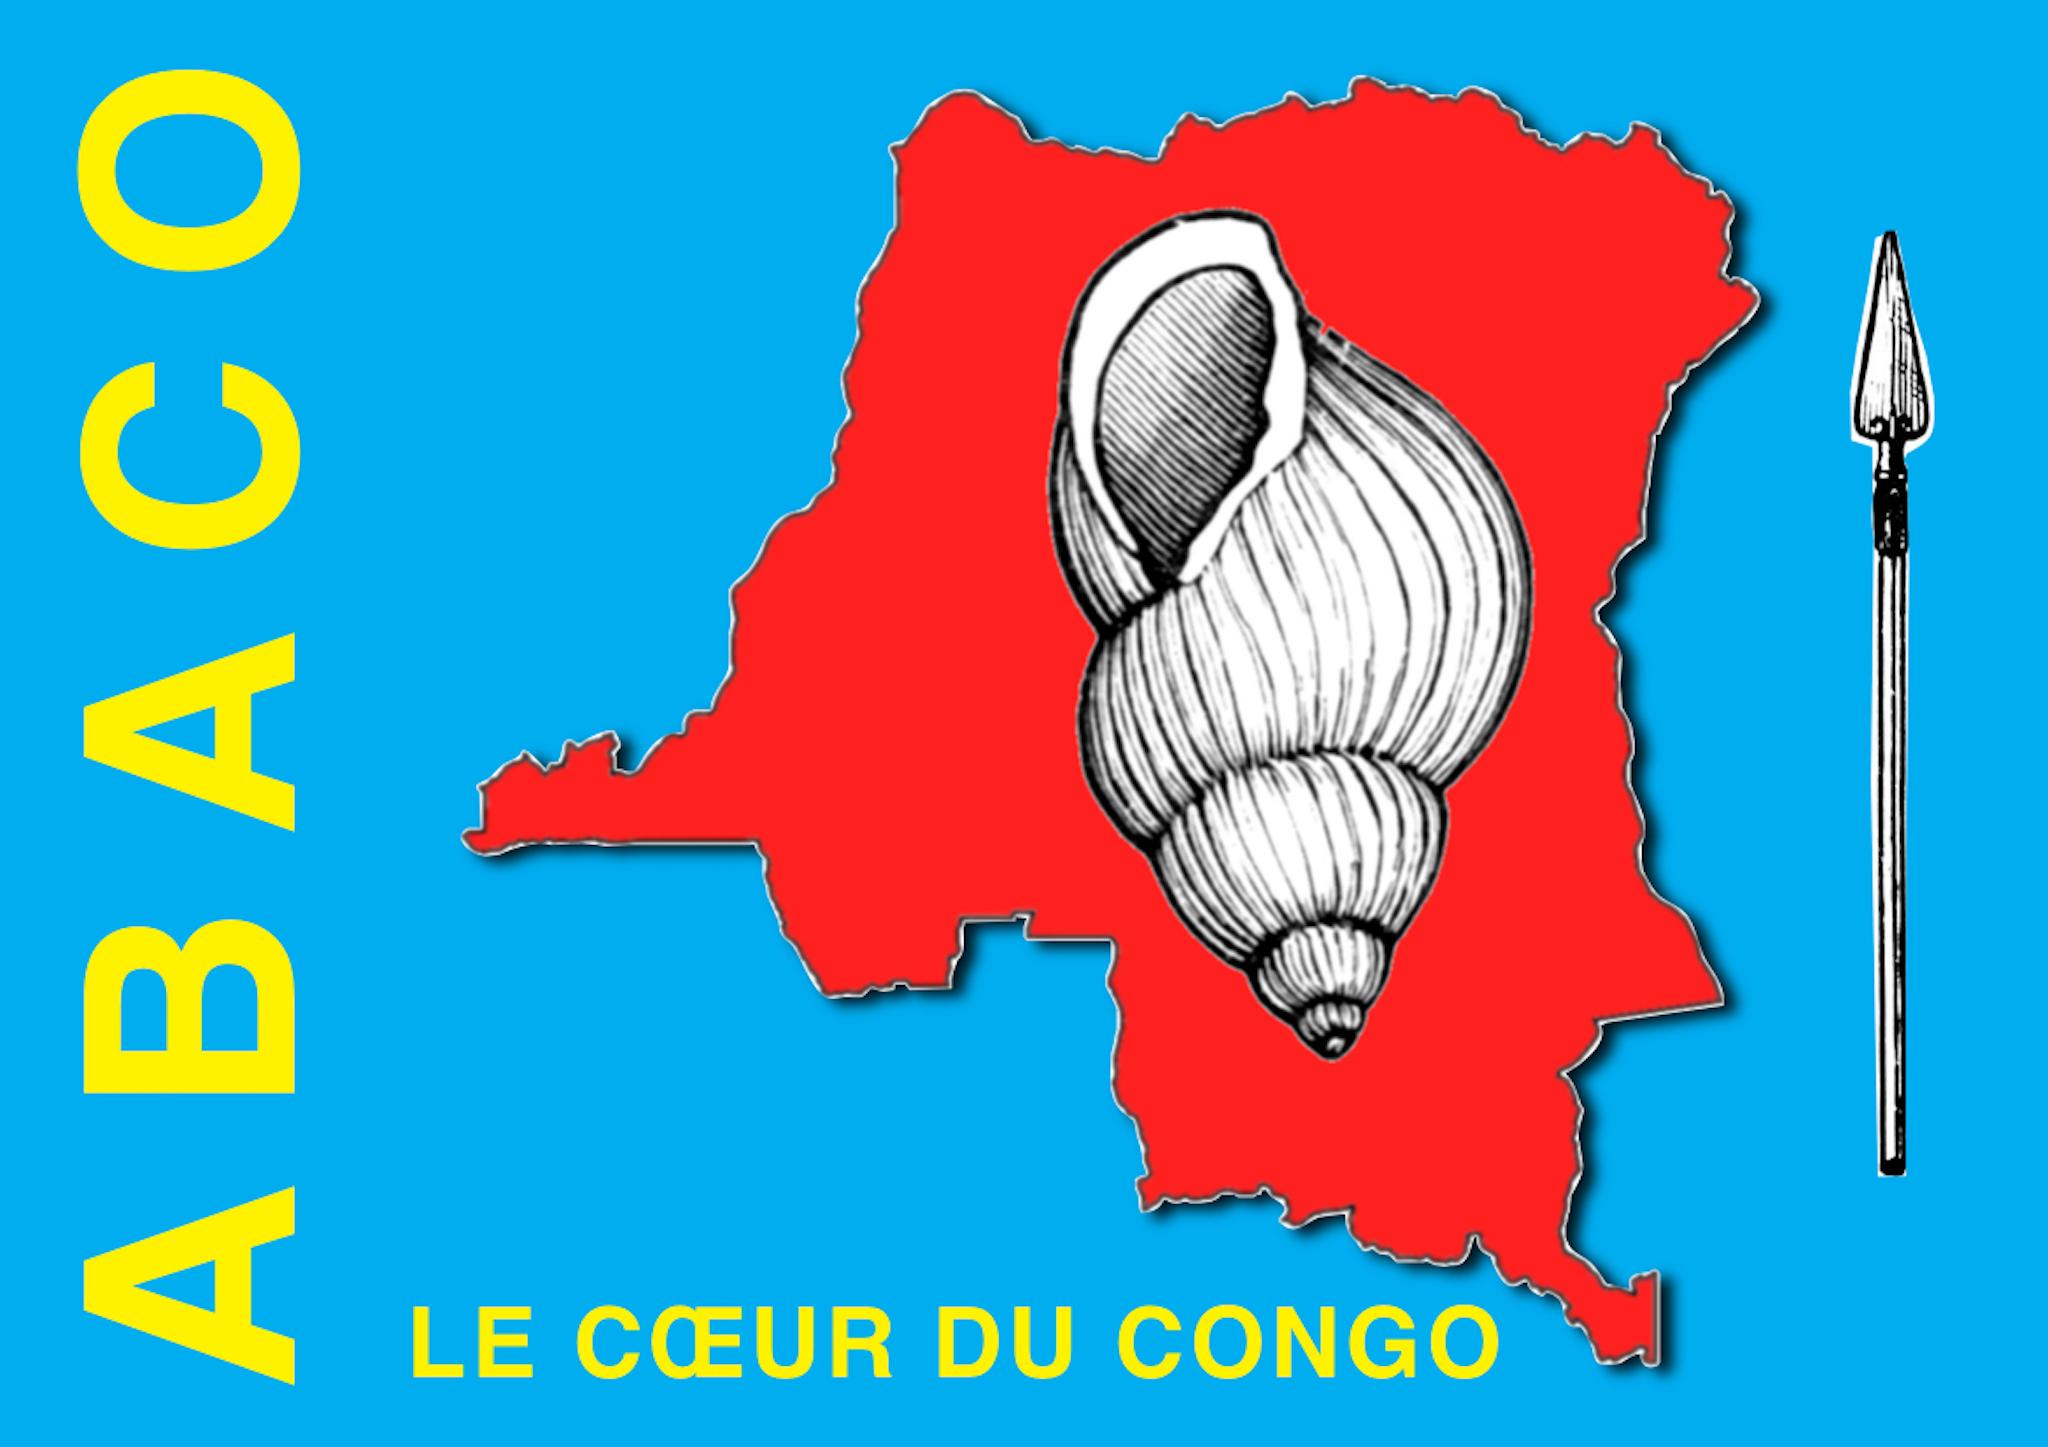 Les préalables de l'ABACO au retour des Congolais de la diaspora en RDC